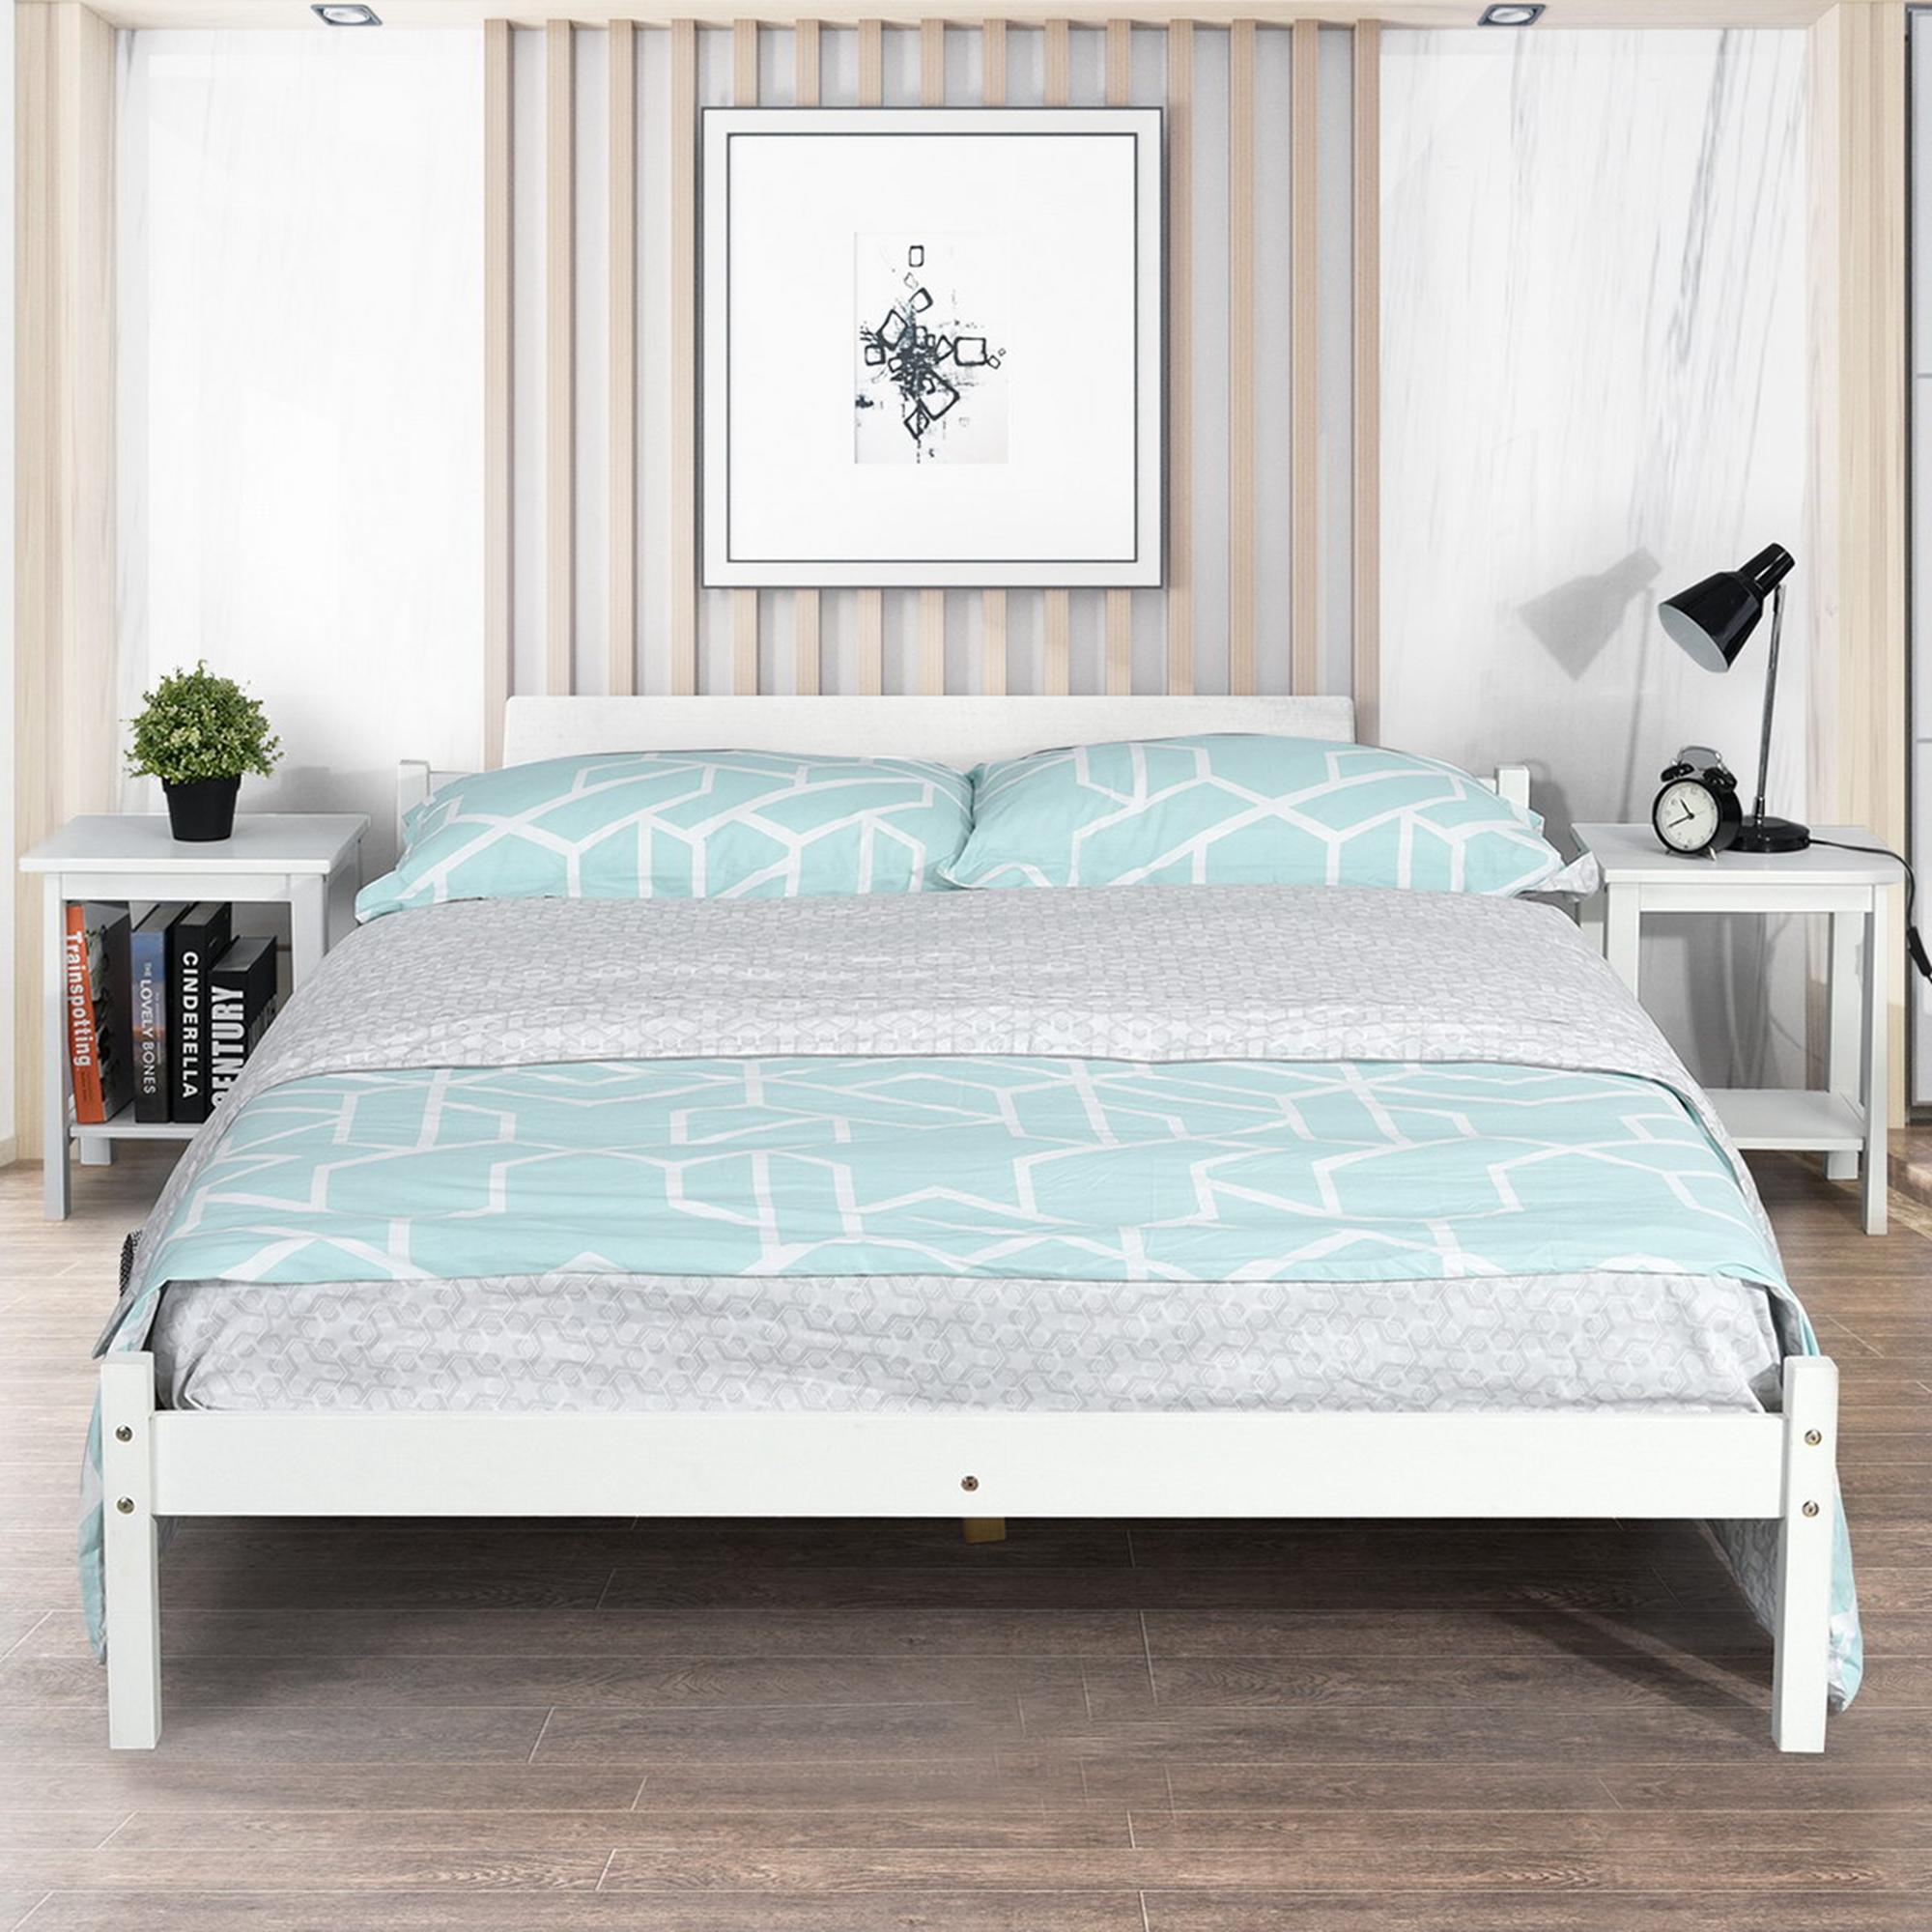 homy casa structure de lit 140 x 190 cm cadre de lit en bois avec sommier pour adulte blanc